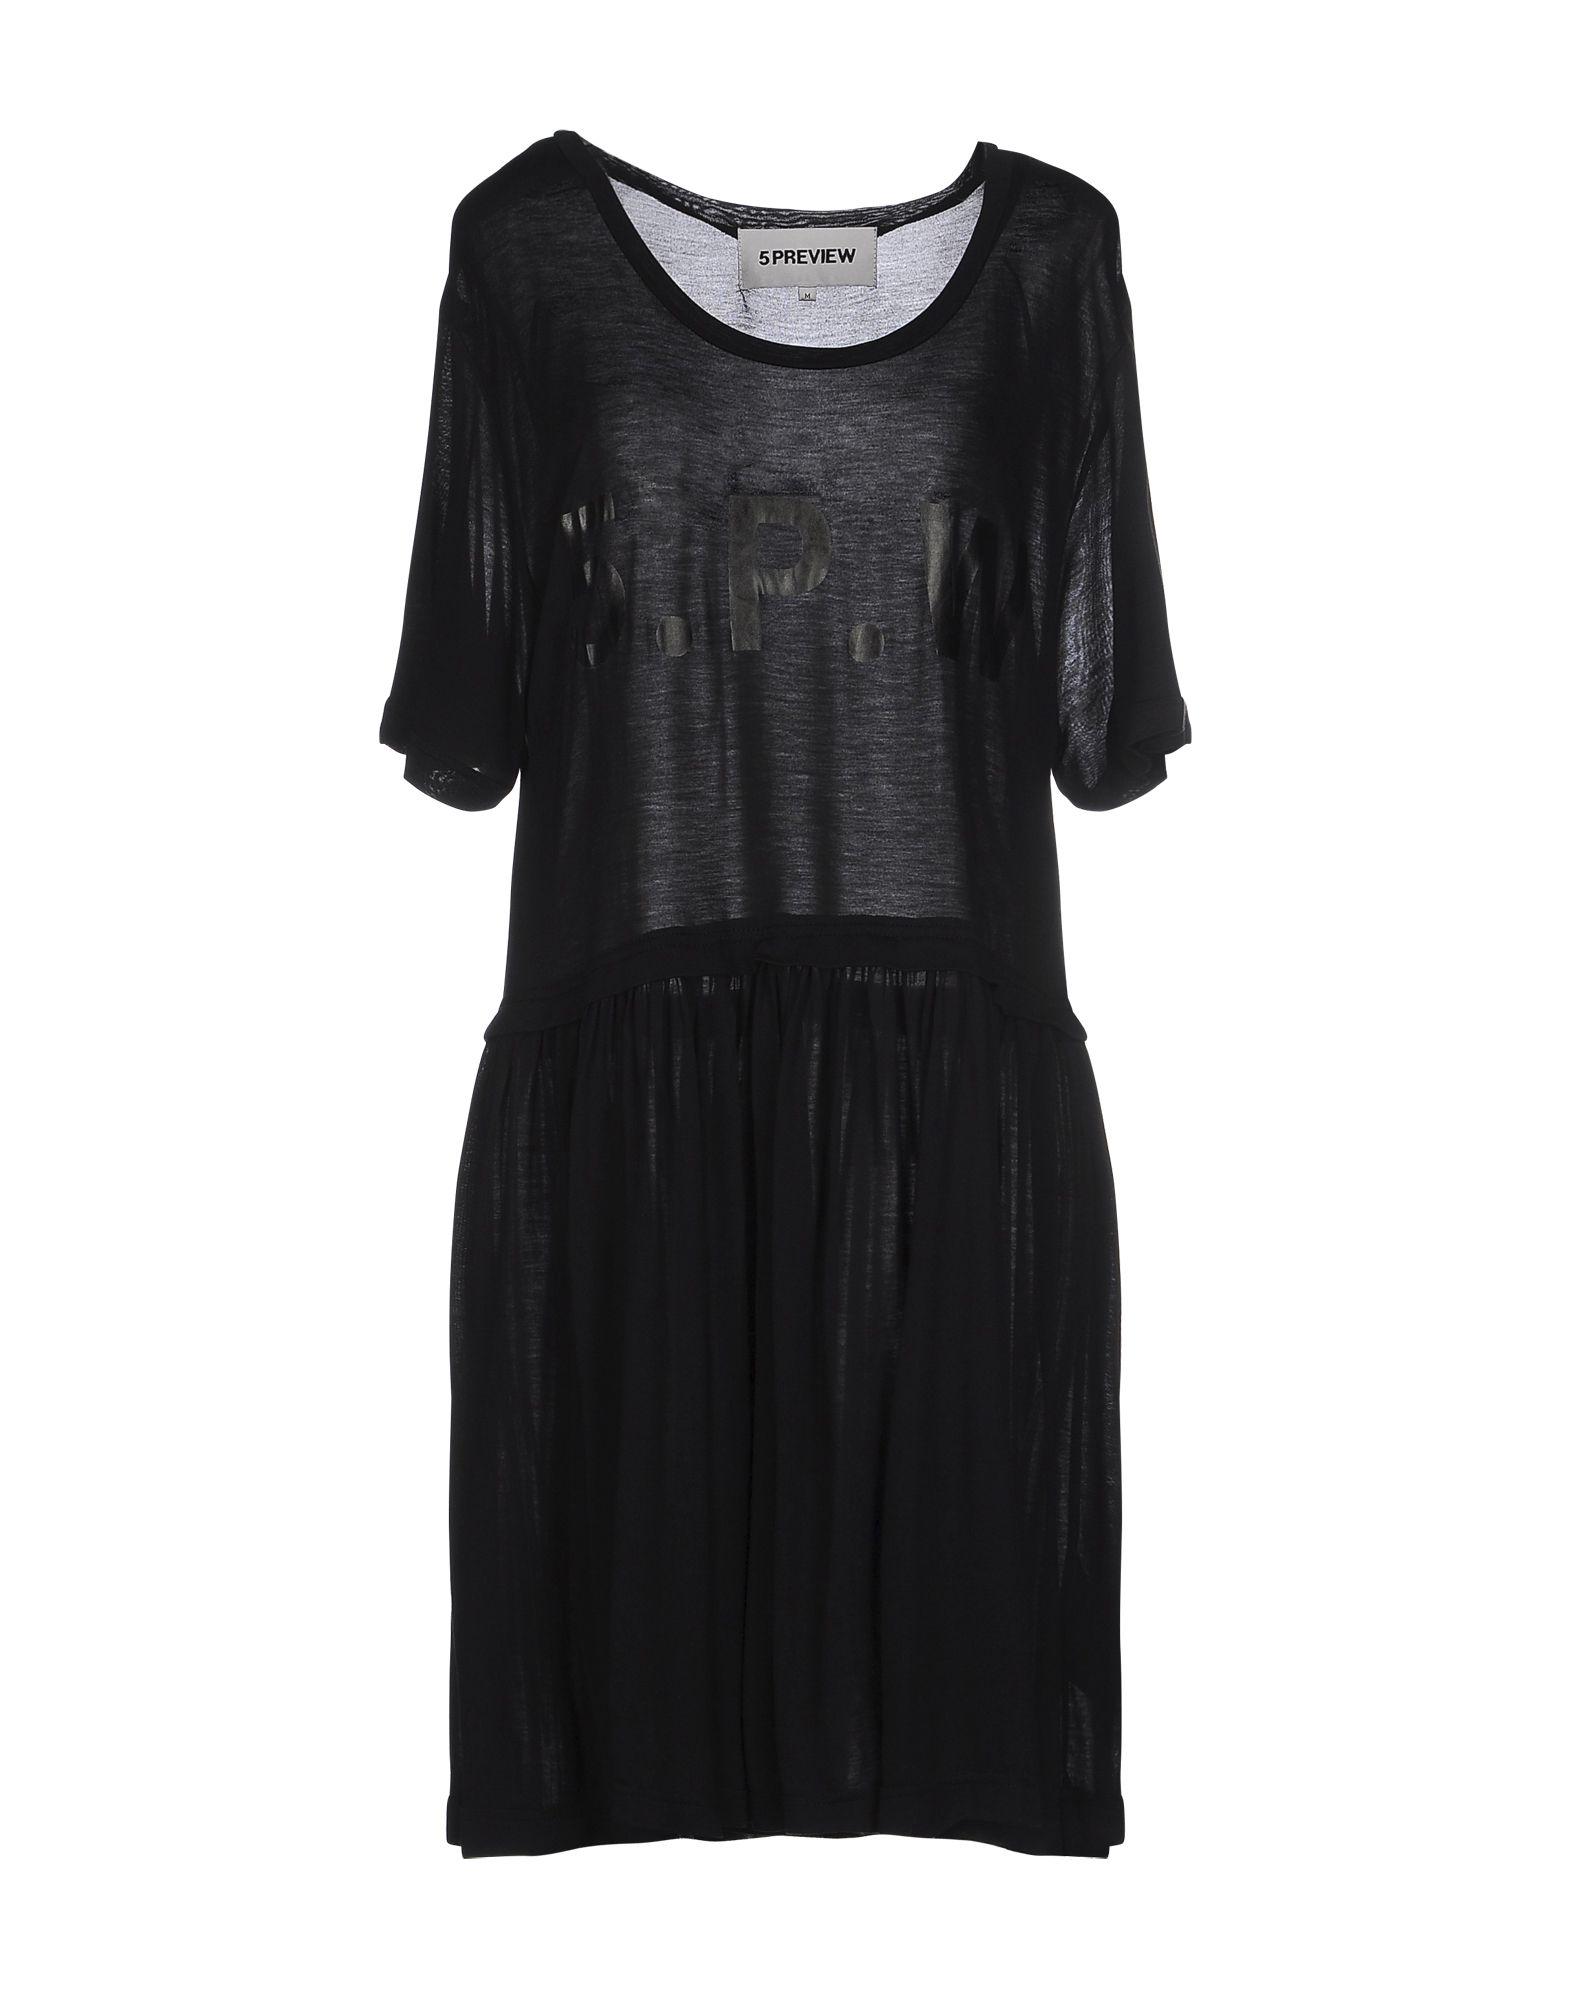 5PREVIEW Damen Kurzes Kleid Farbe Schwarz Größe 5